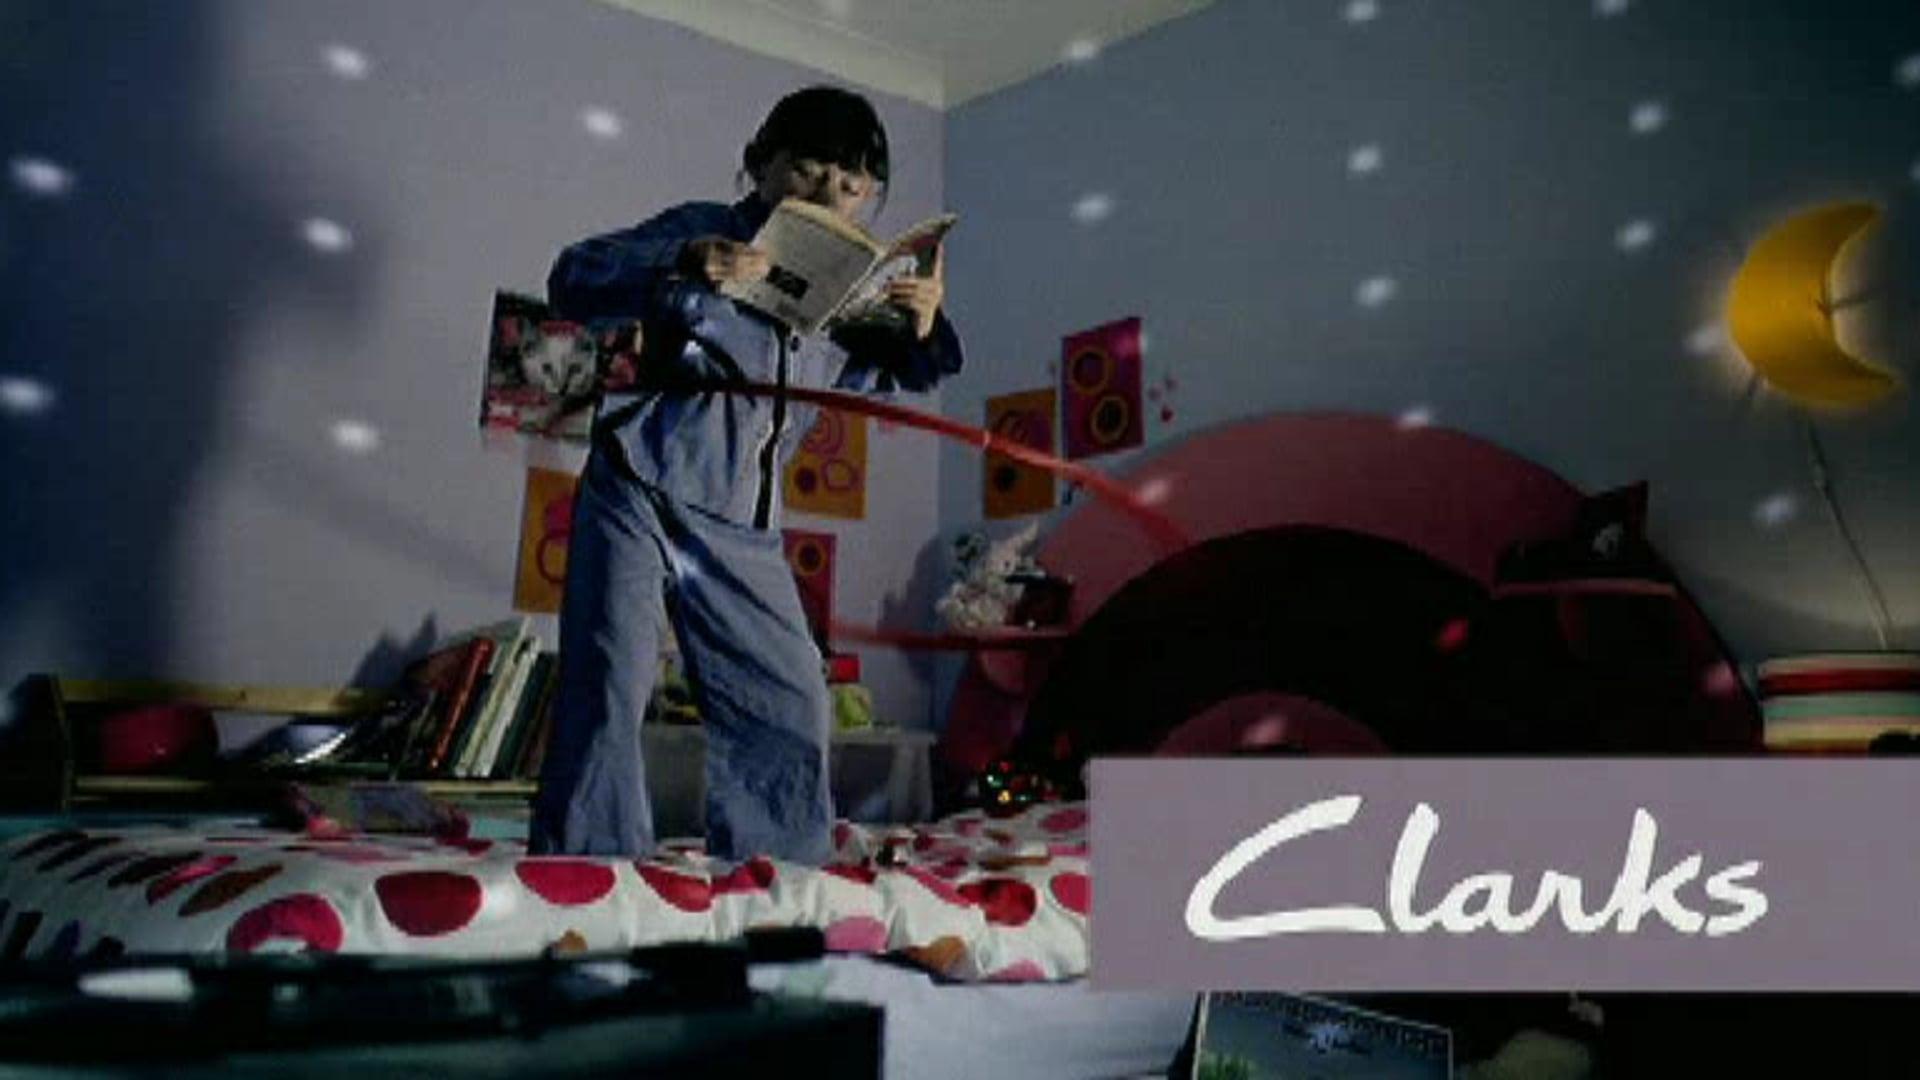 Clarks - Kids Hula Hoop